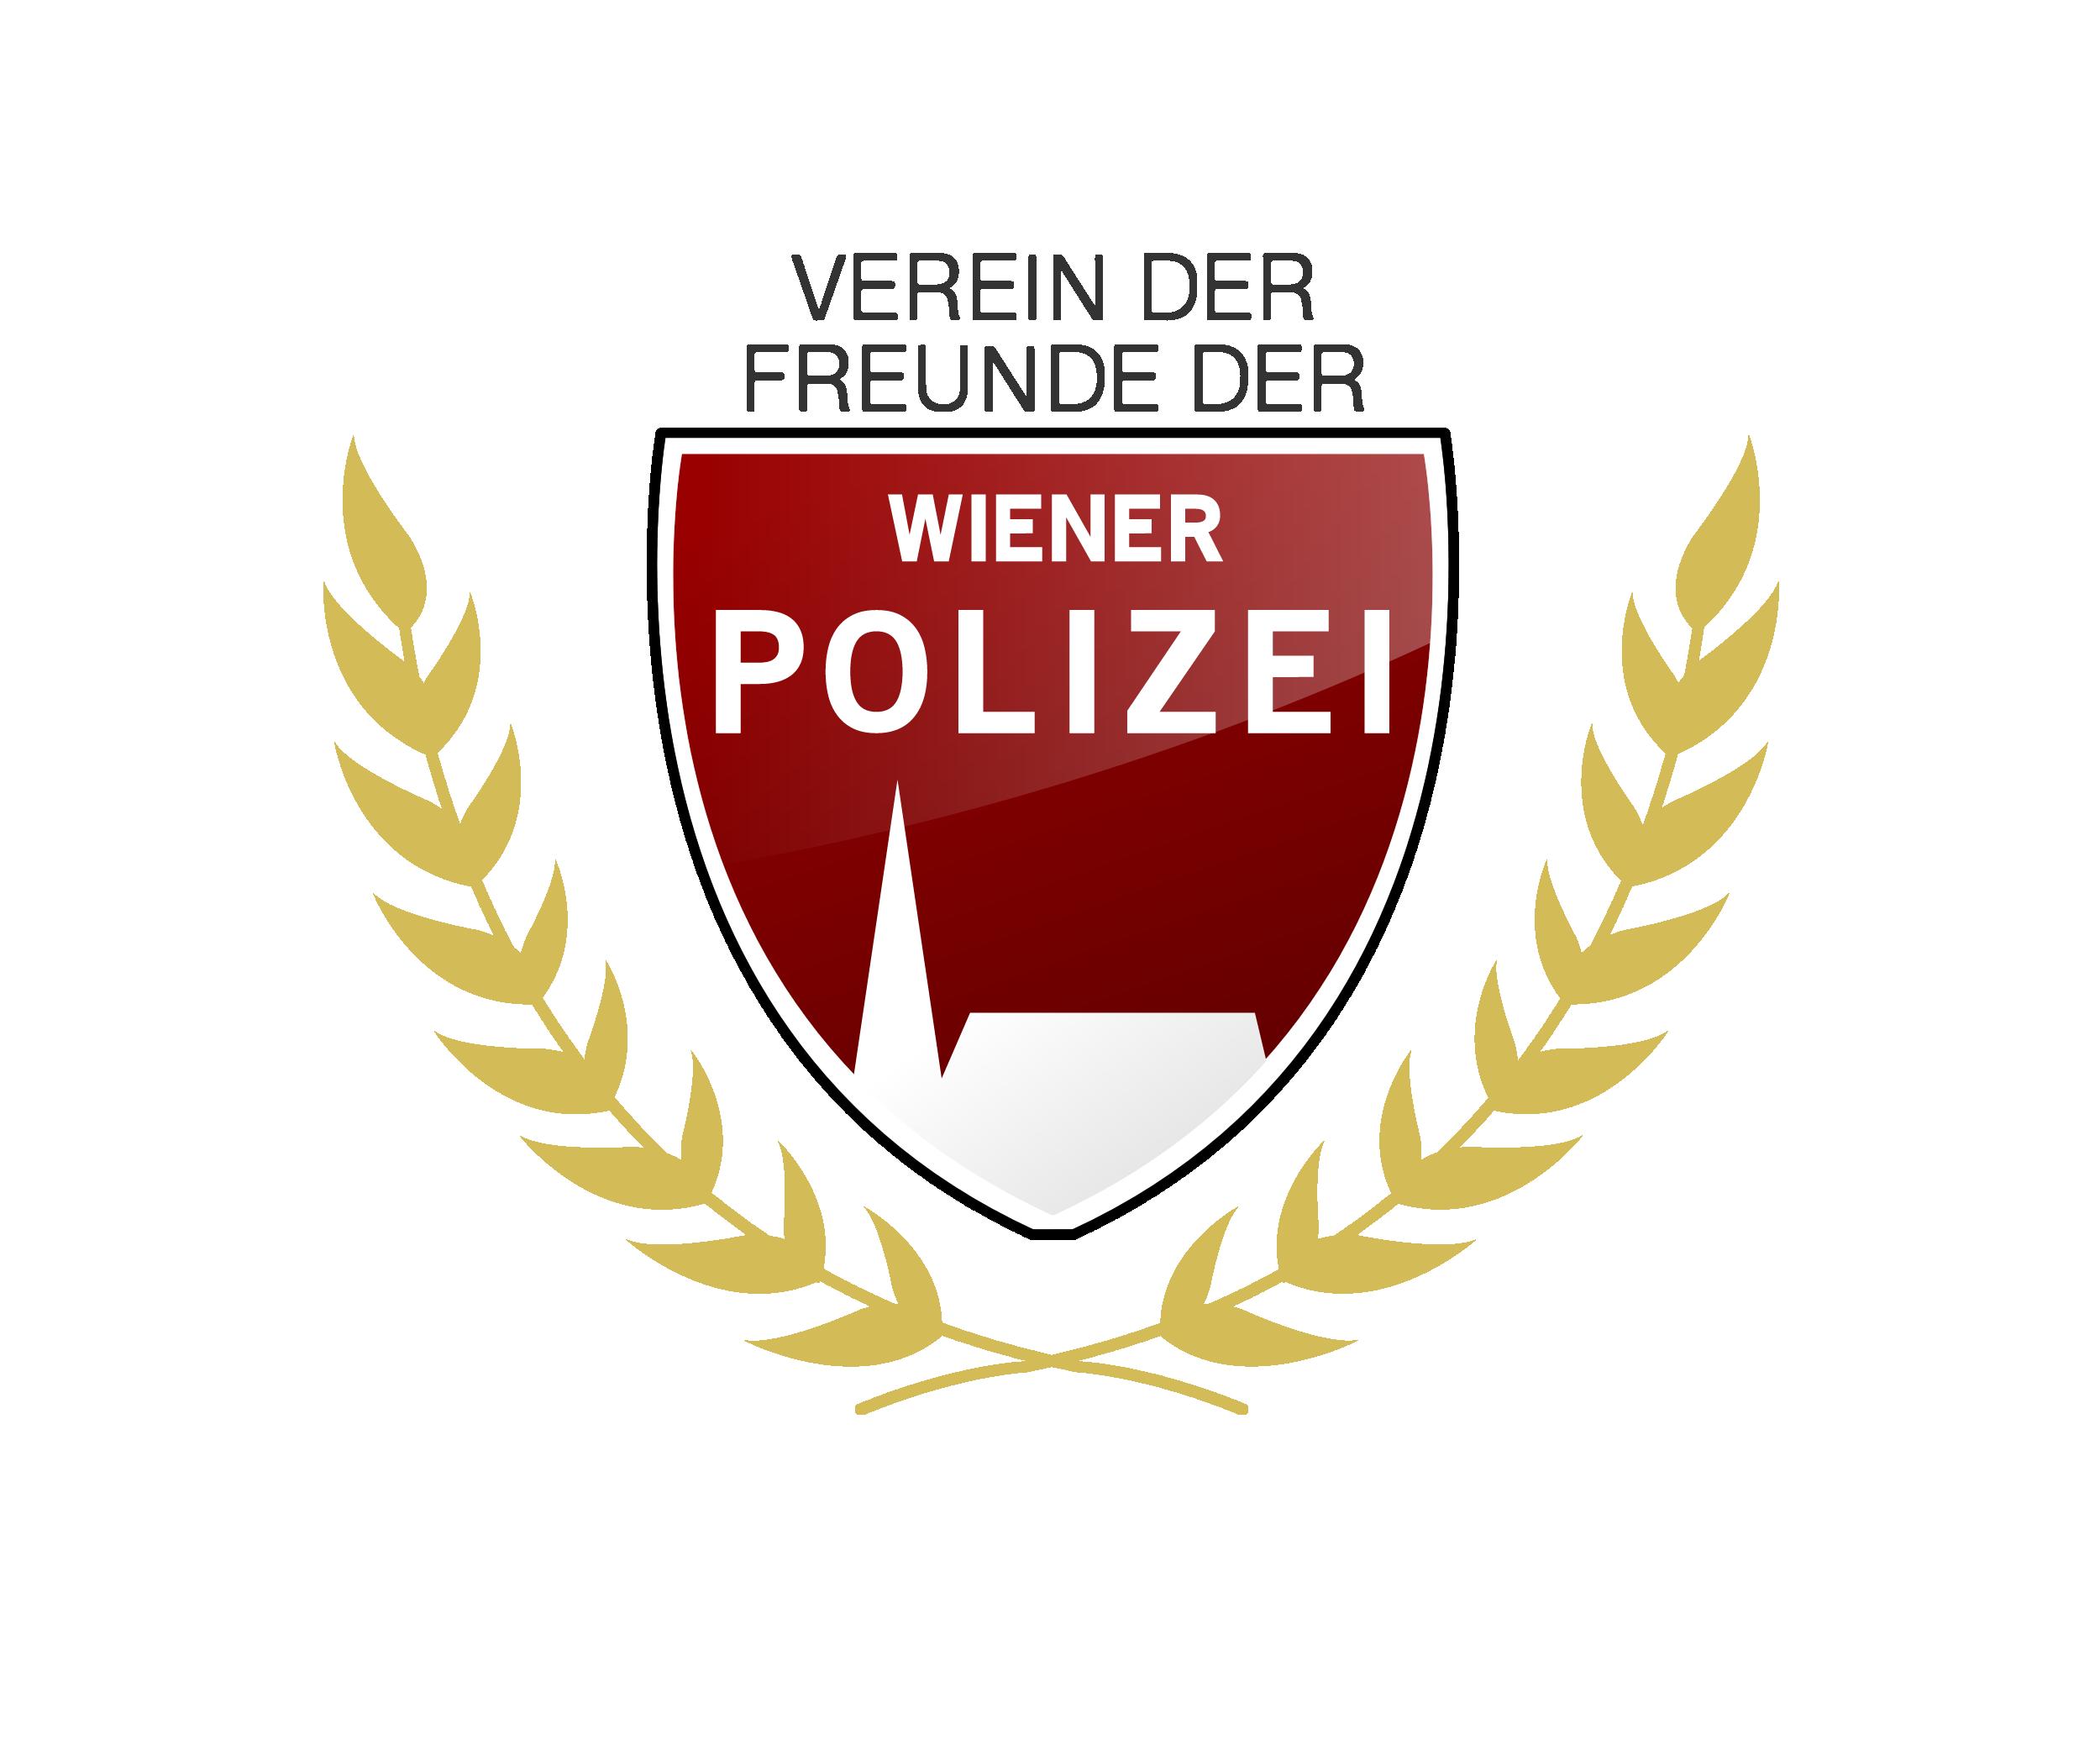 Freunde logo_polizei_END+